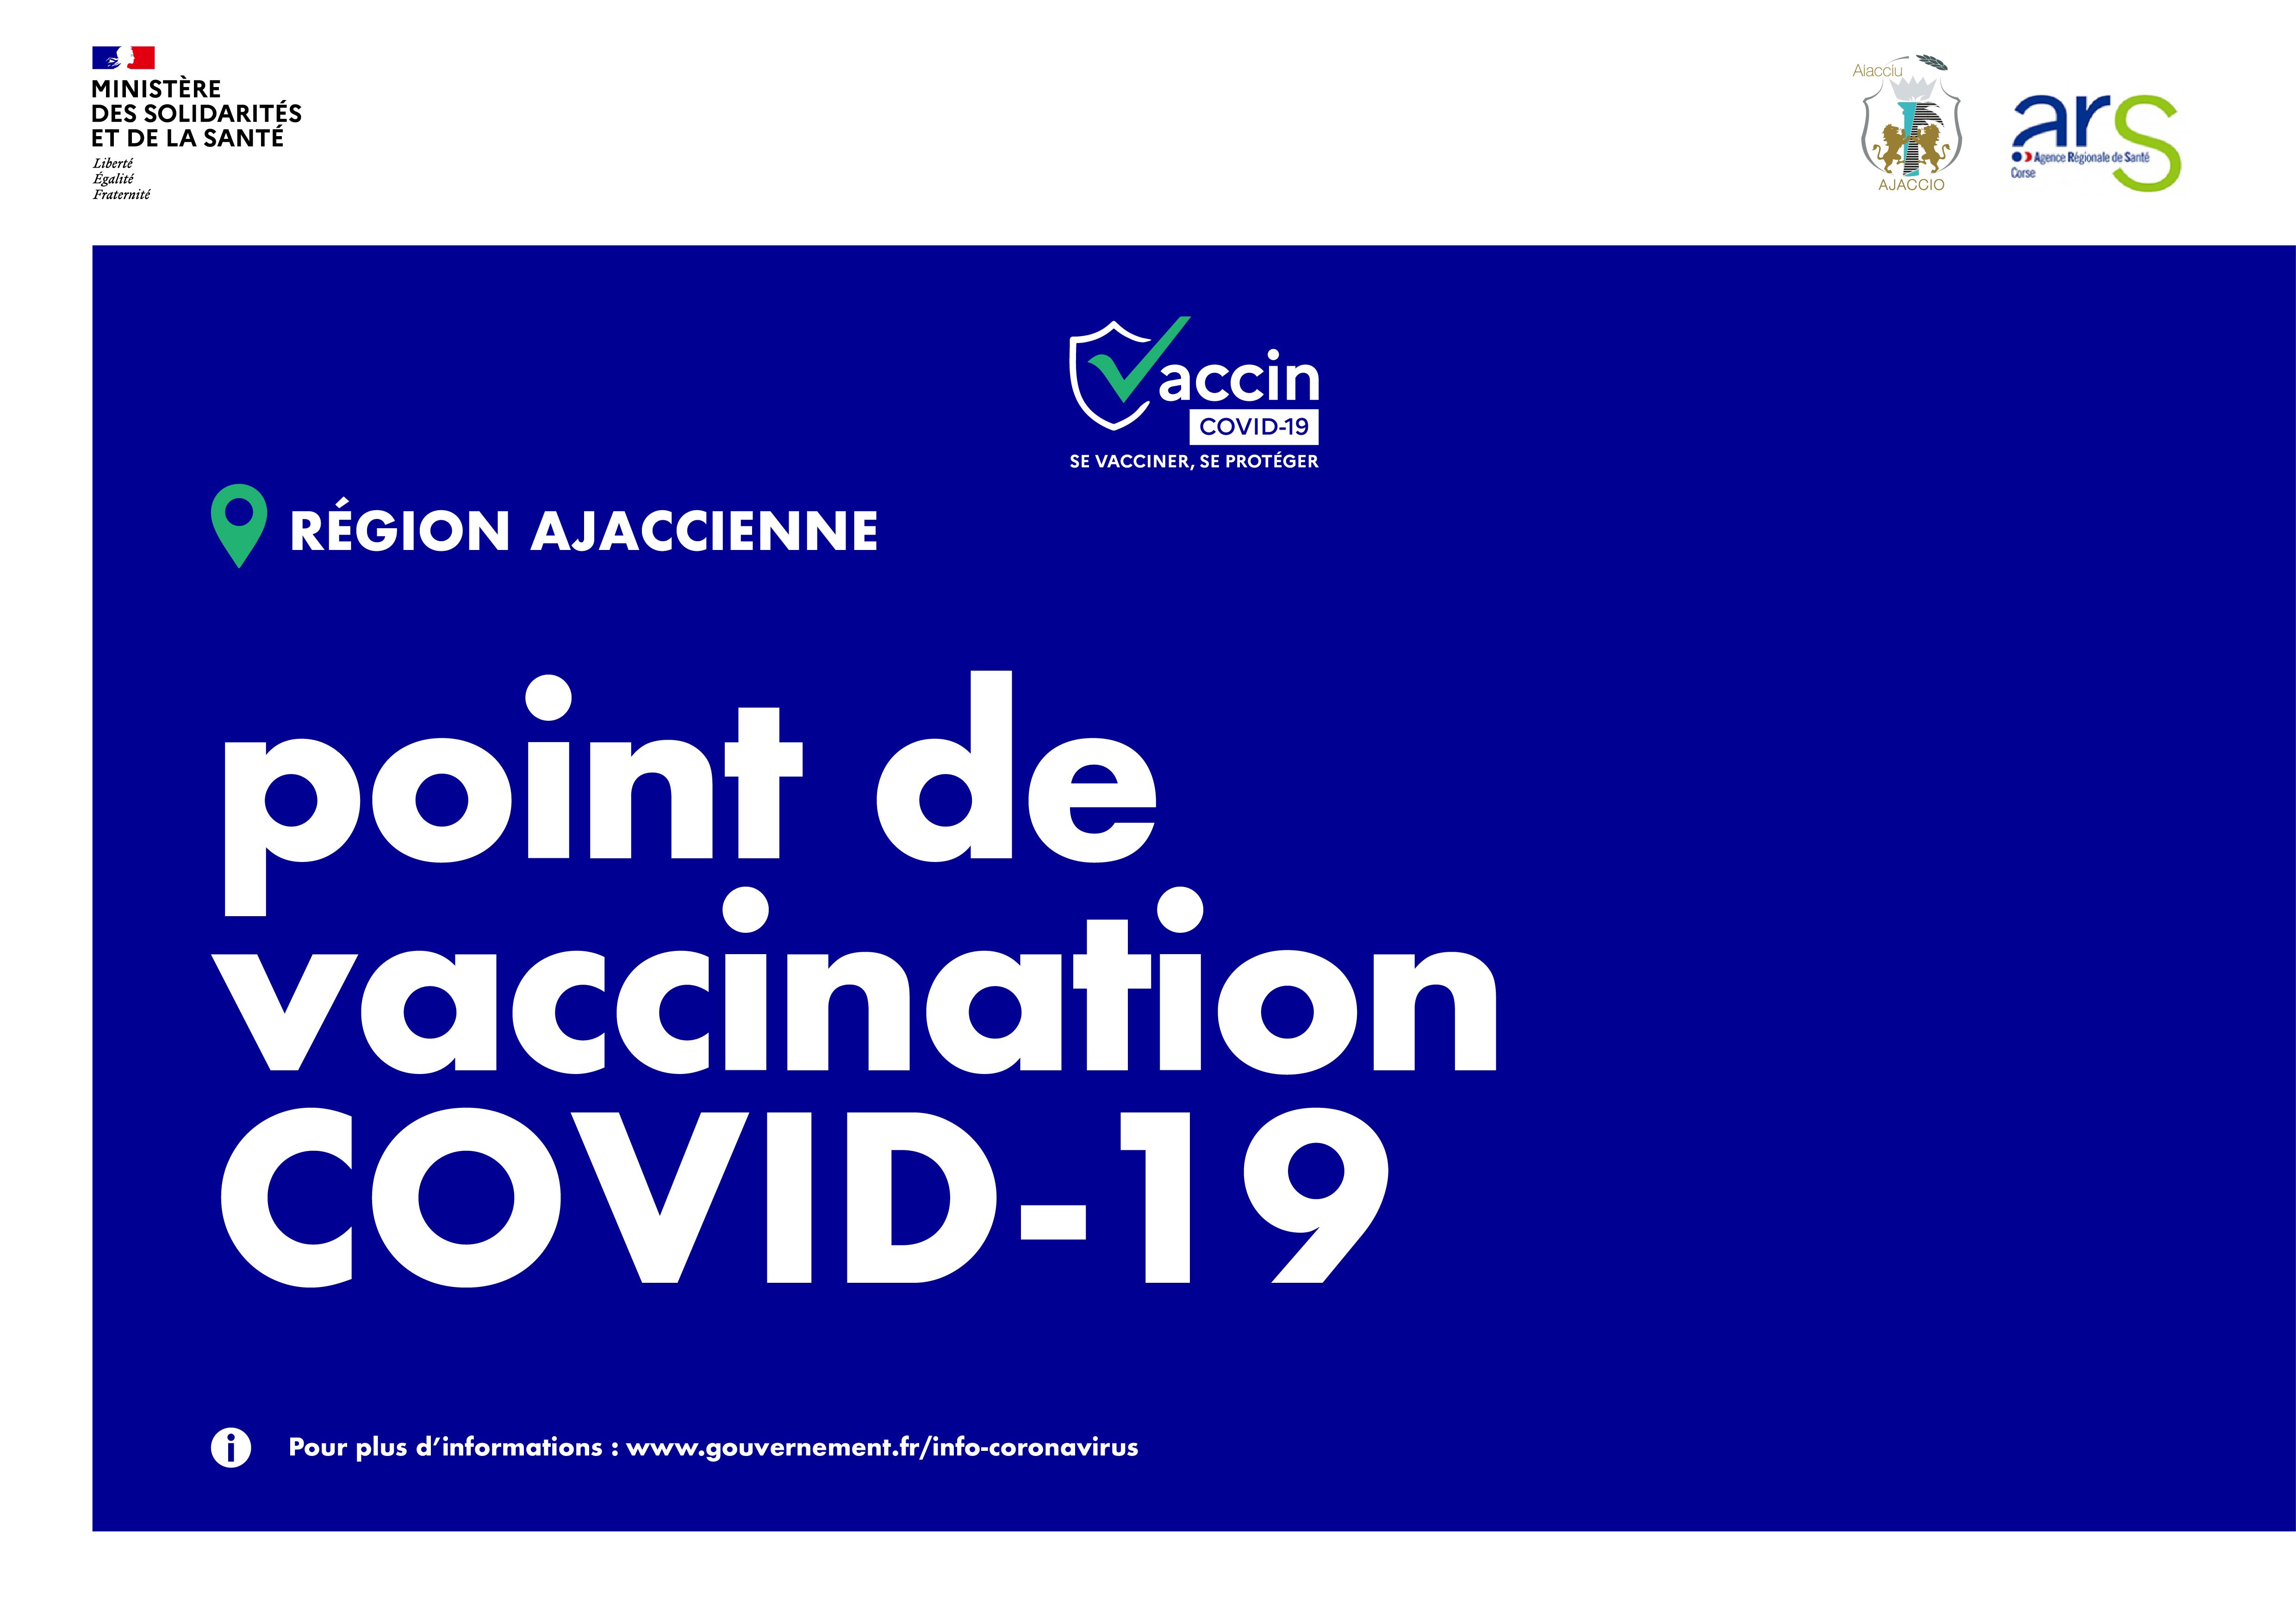 Covid-19 : Où et comment se faire vacciner à Ajaccio ? mise à jour du 22/02/2021